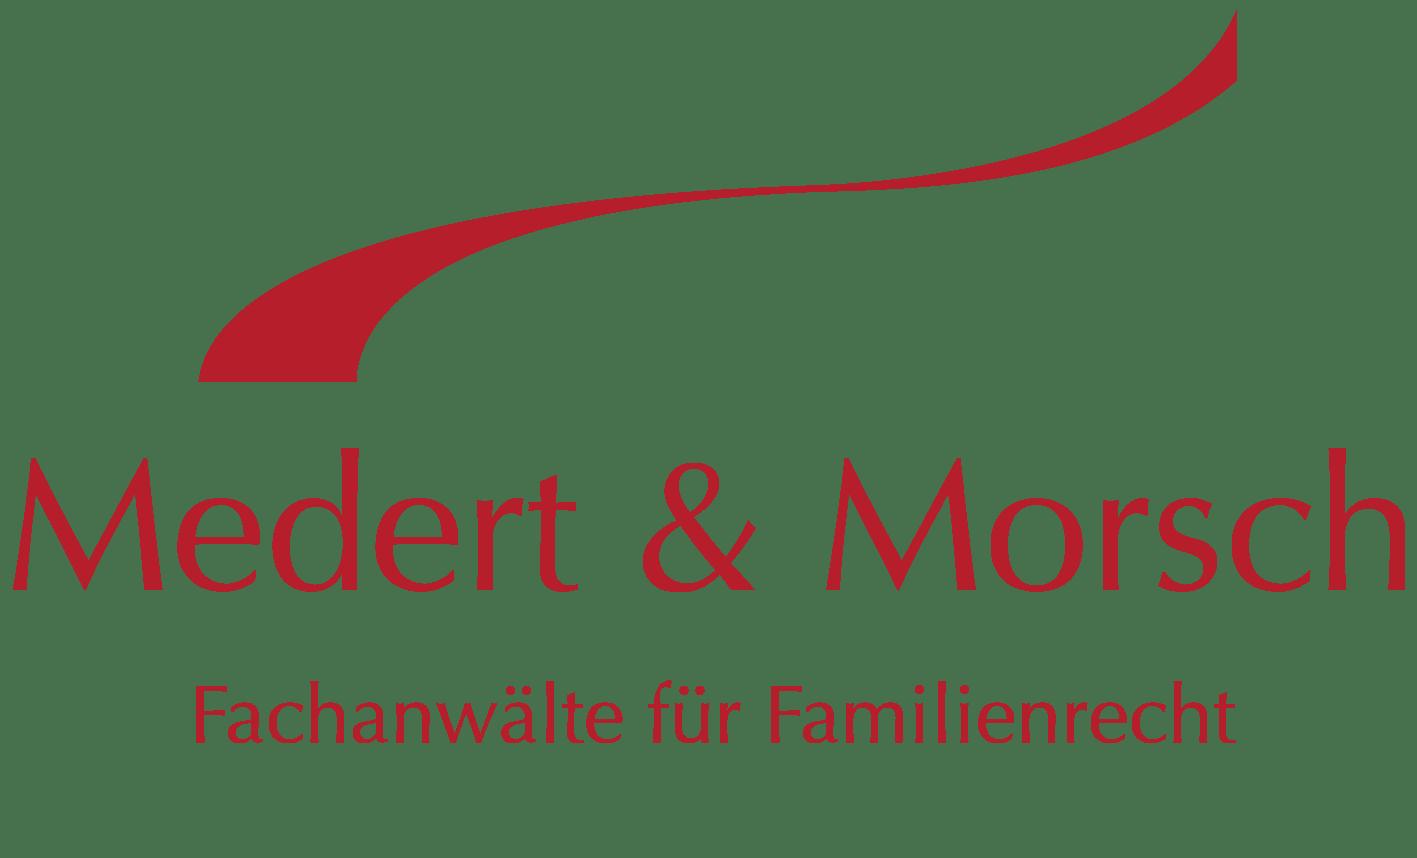 Medert & Morsch Familienrecht